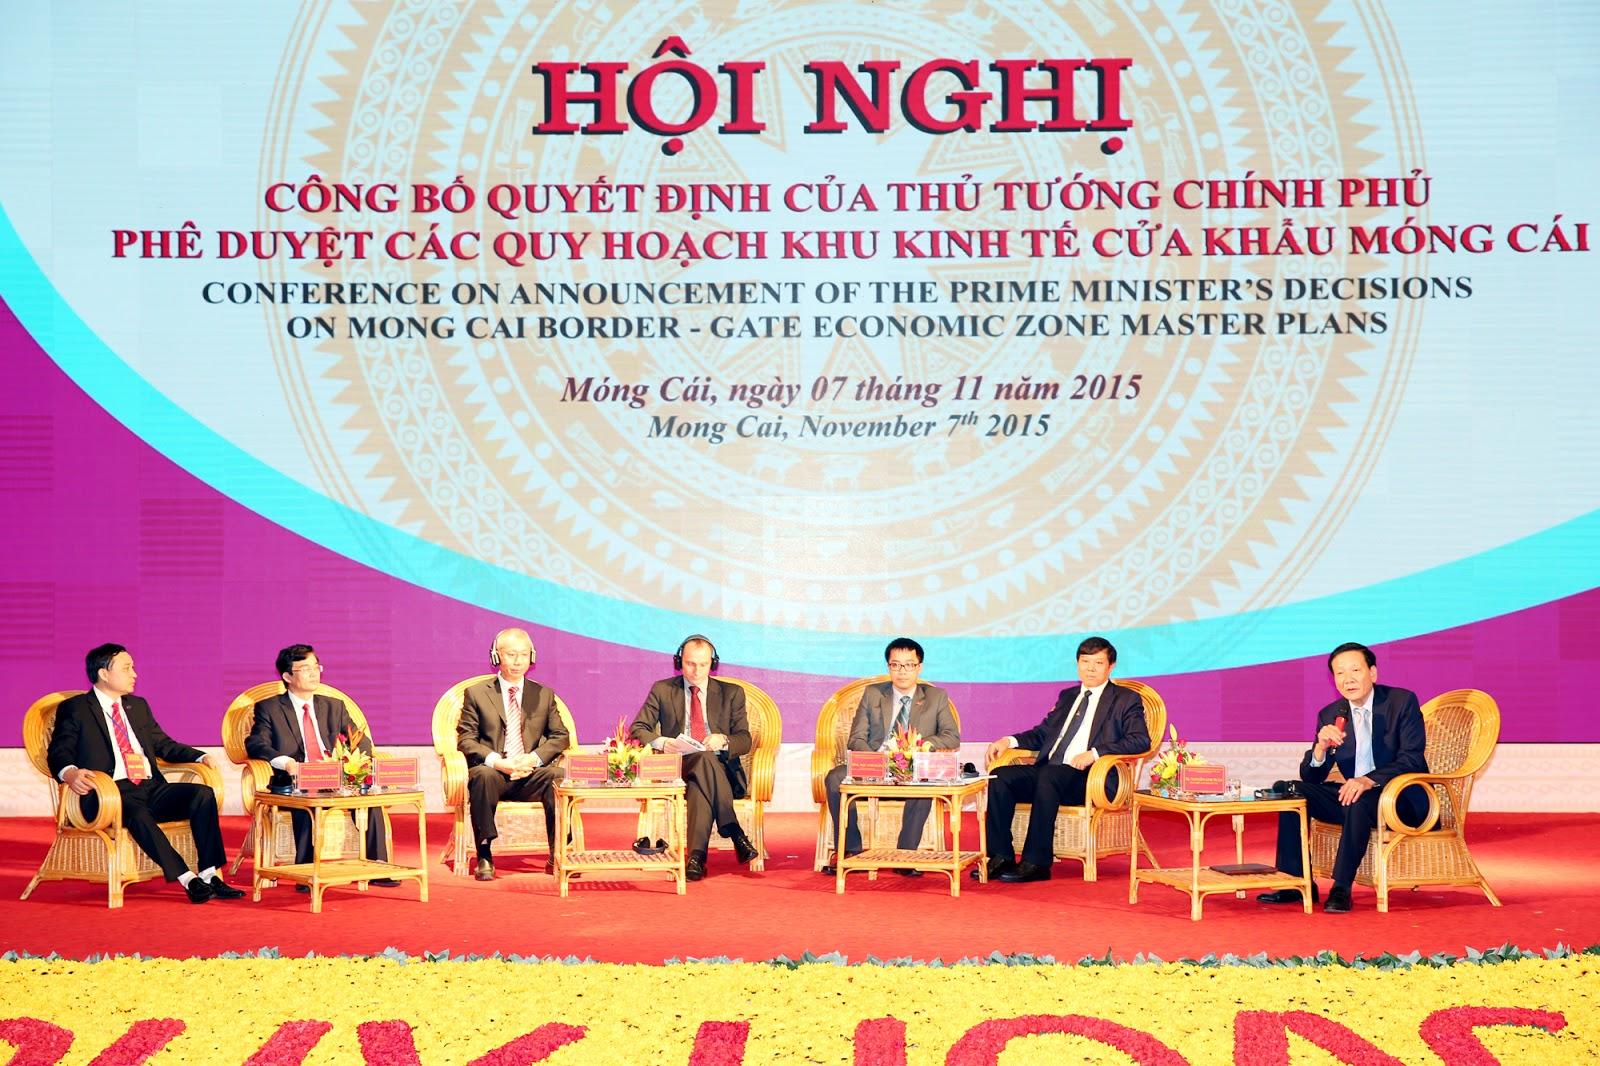 Khu đô thị Móng Cái trở thành cực tăng trưởng kinh tế năng động